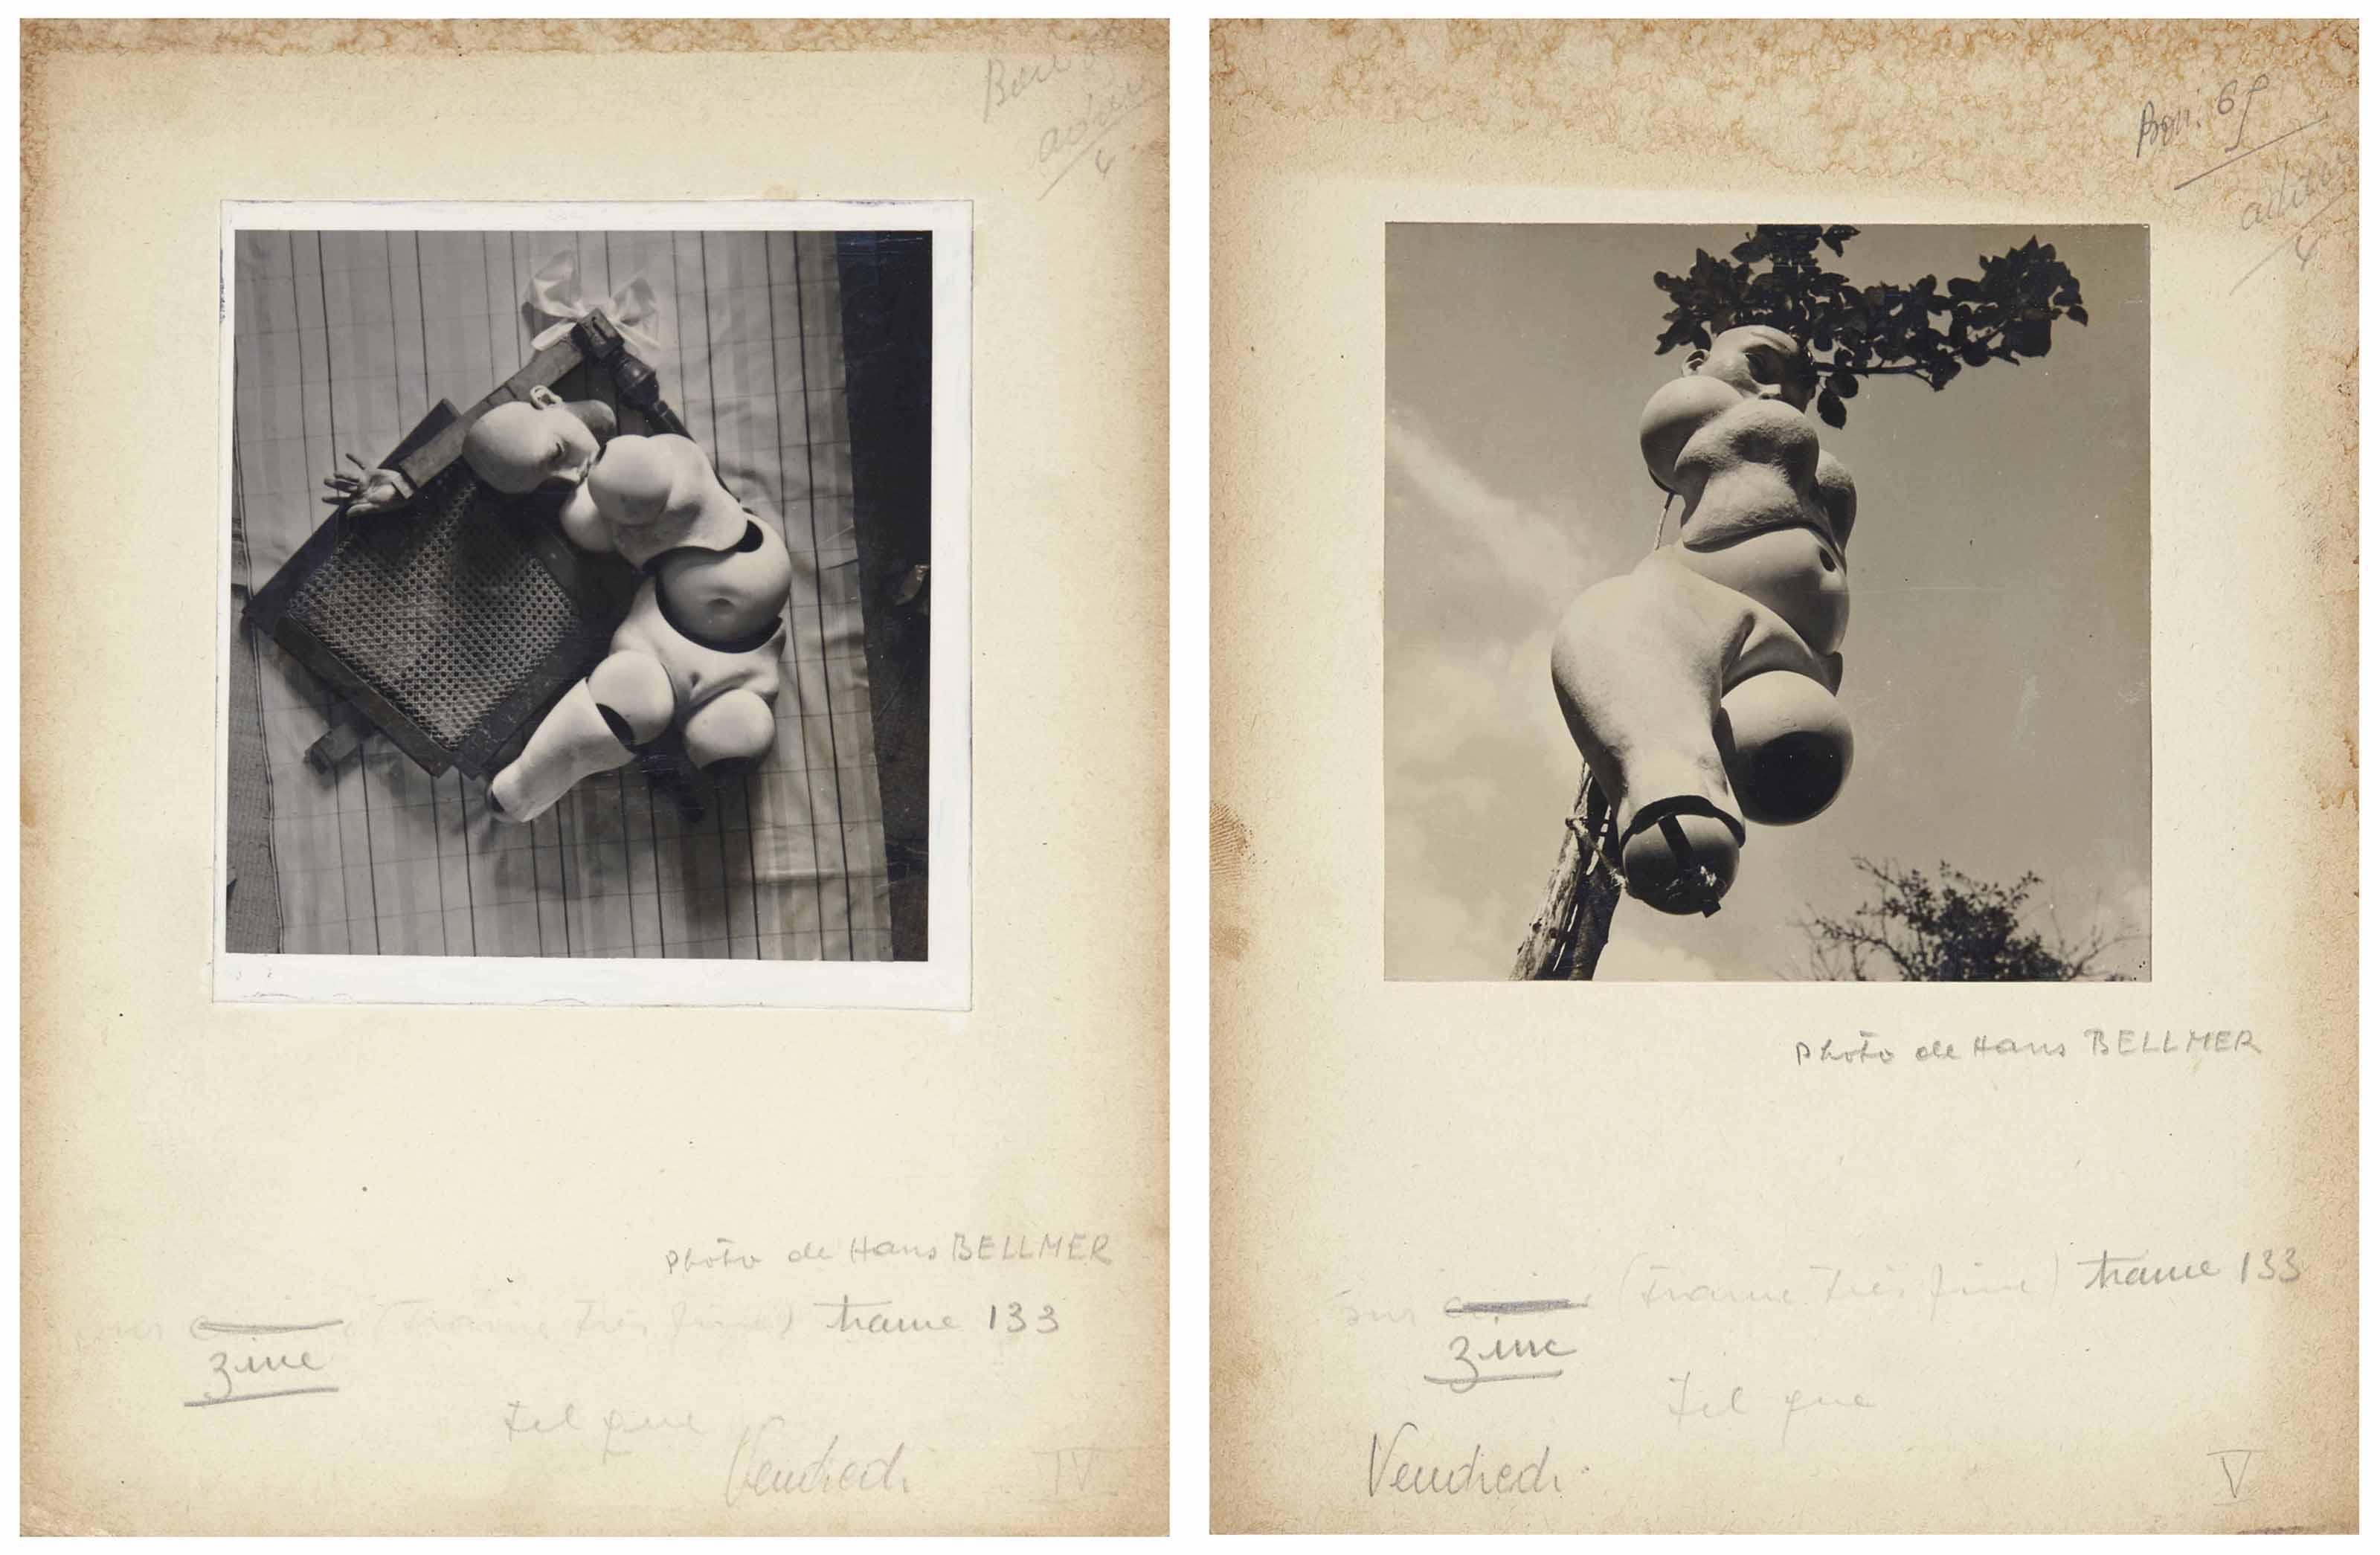 BELLMER, Hans - ELUARD, Paul. Jeux vagues. La Poupée. Quatorze poèmes de Paul Eluard. Deux photos de Hans Bellmer. [Paris: Editions de la revue Messages, 1939].